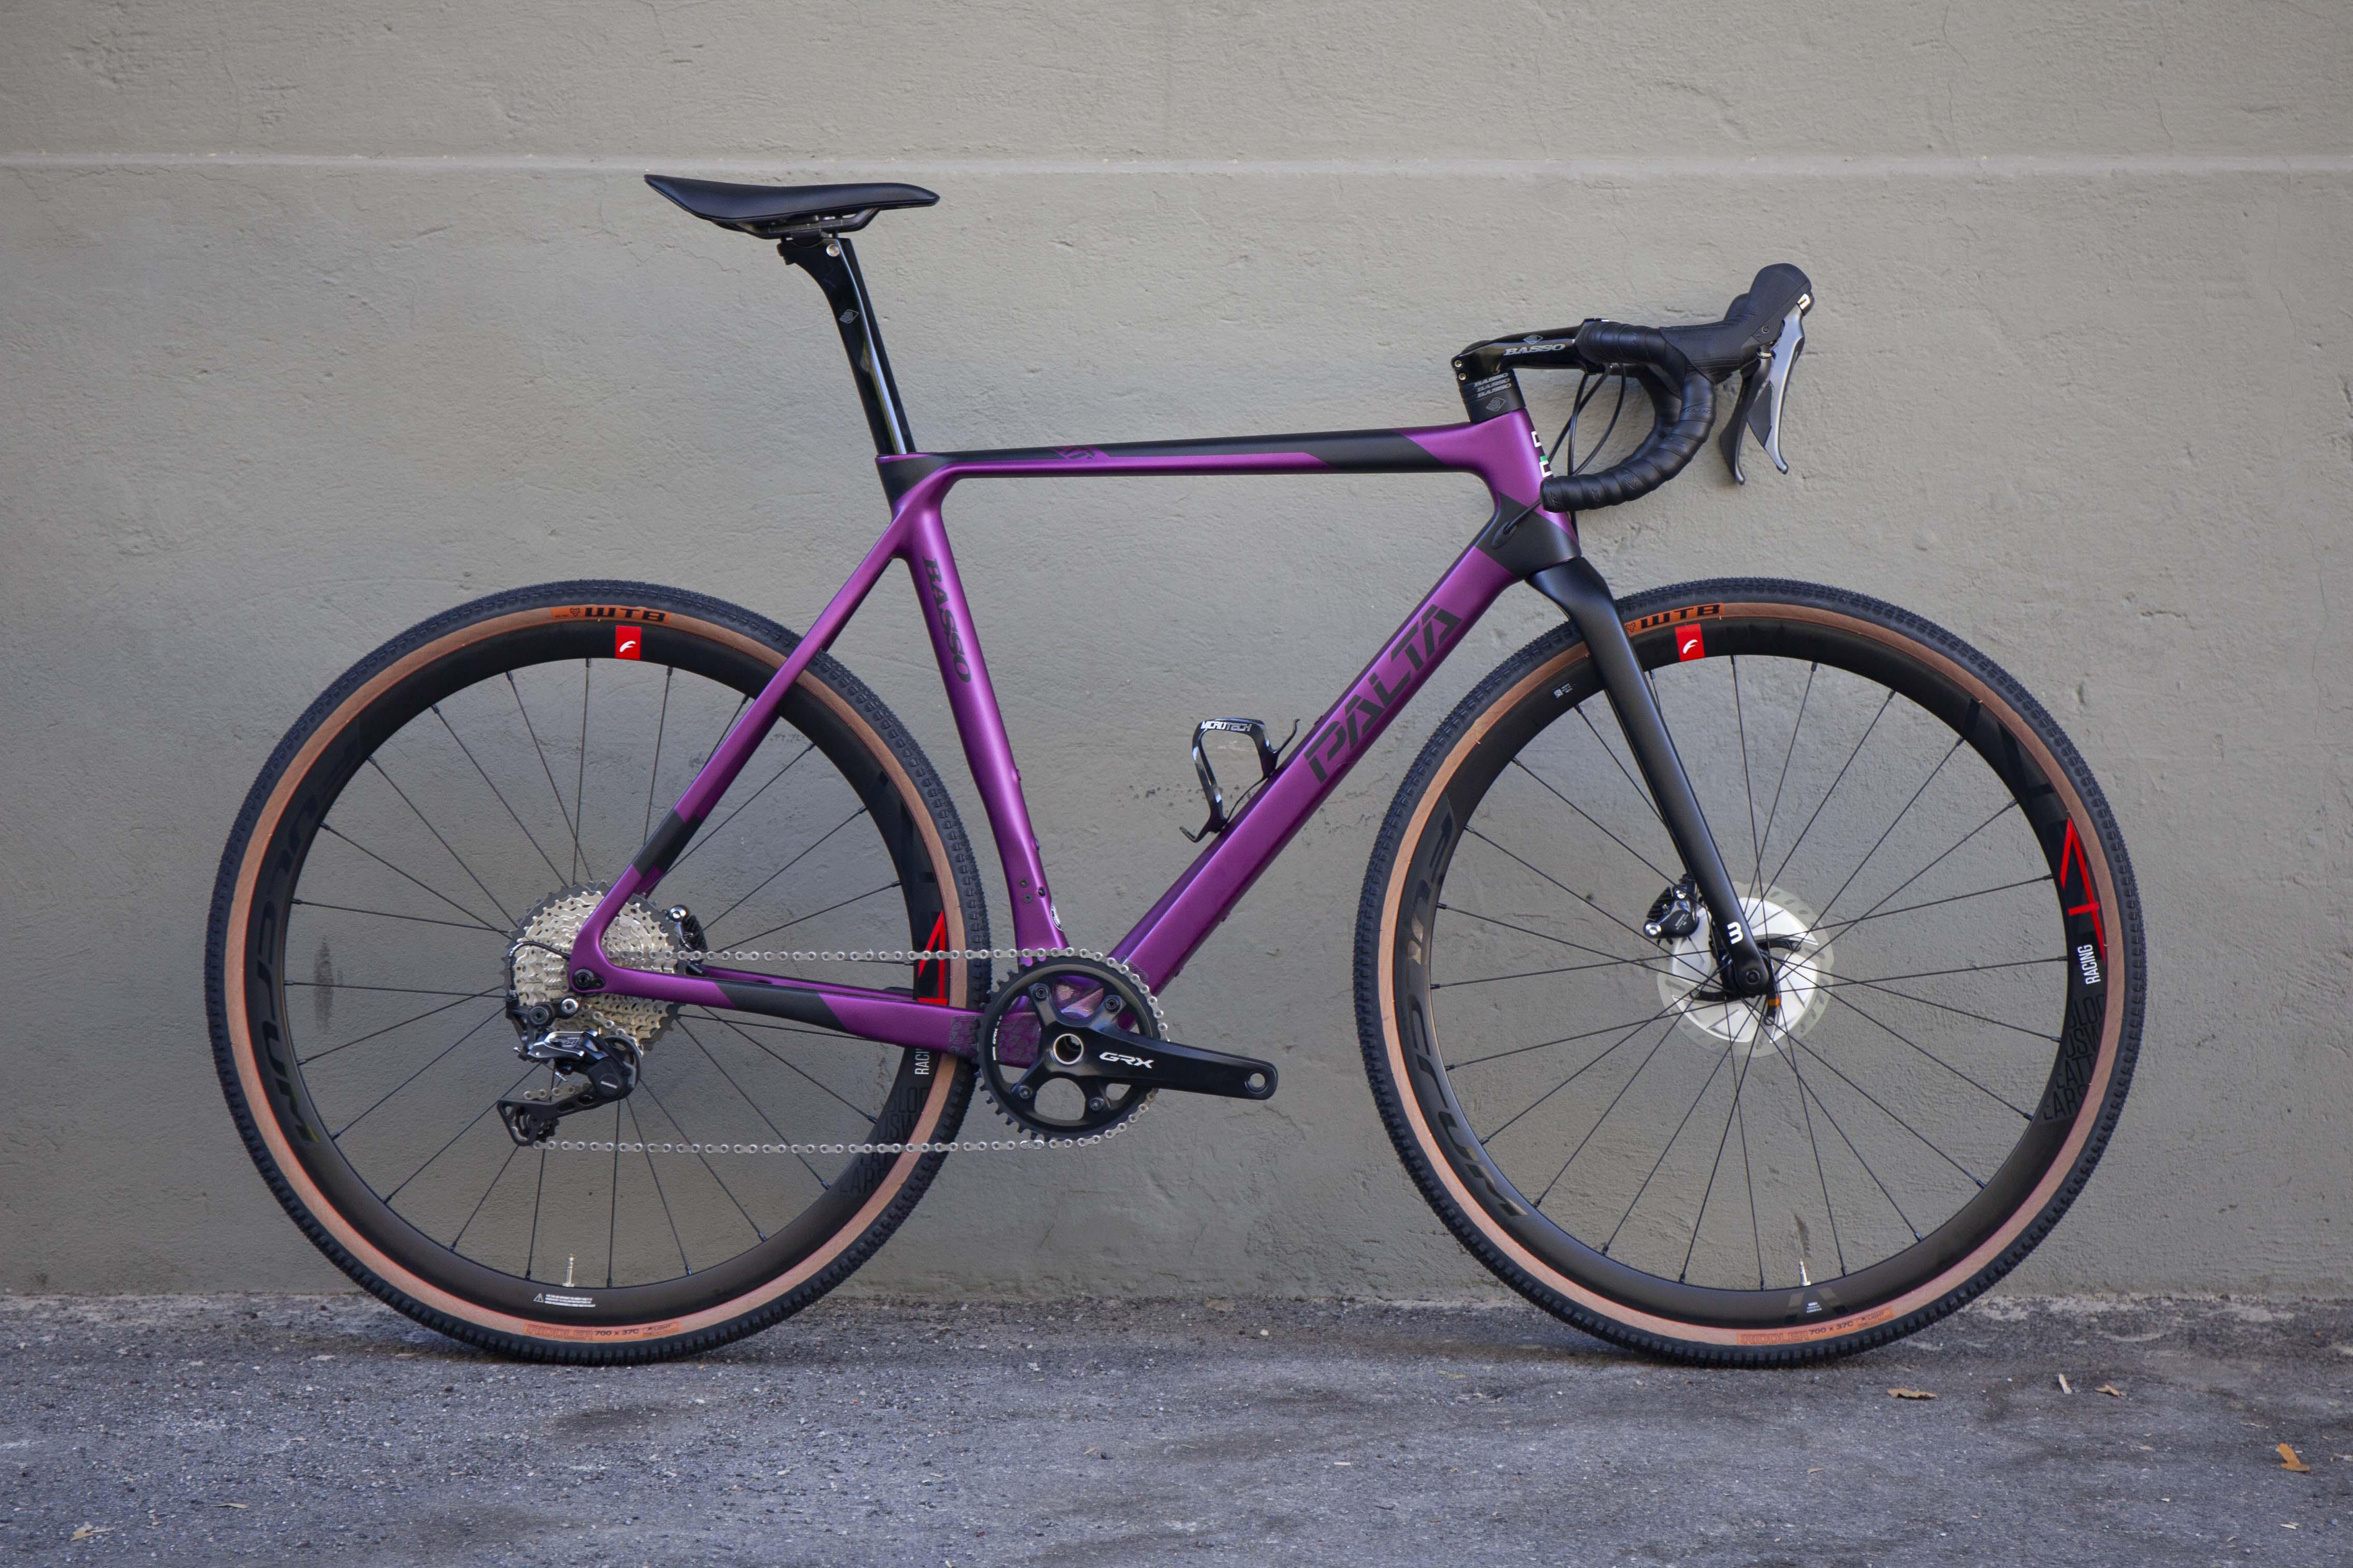 Basso Palta Purple L GRX810 Fulcrum Racing4 copia